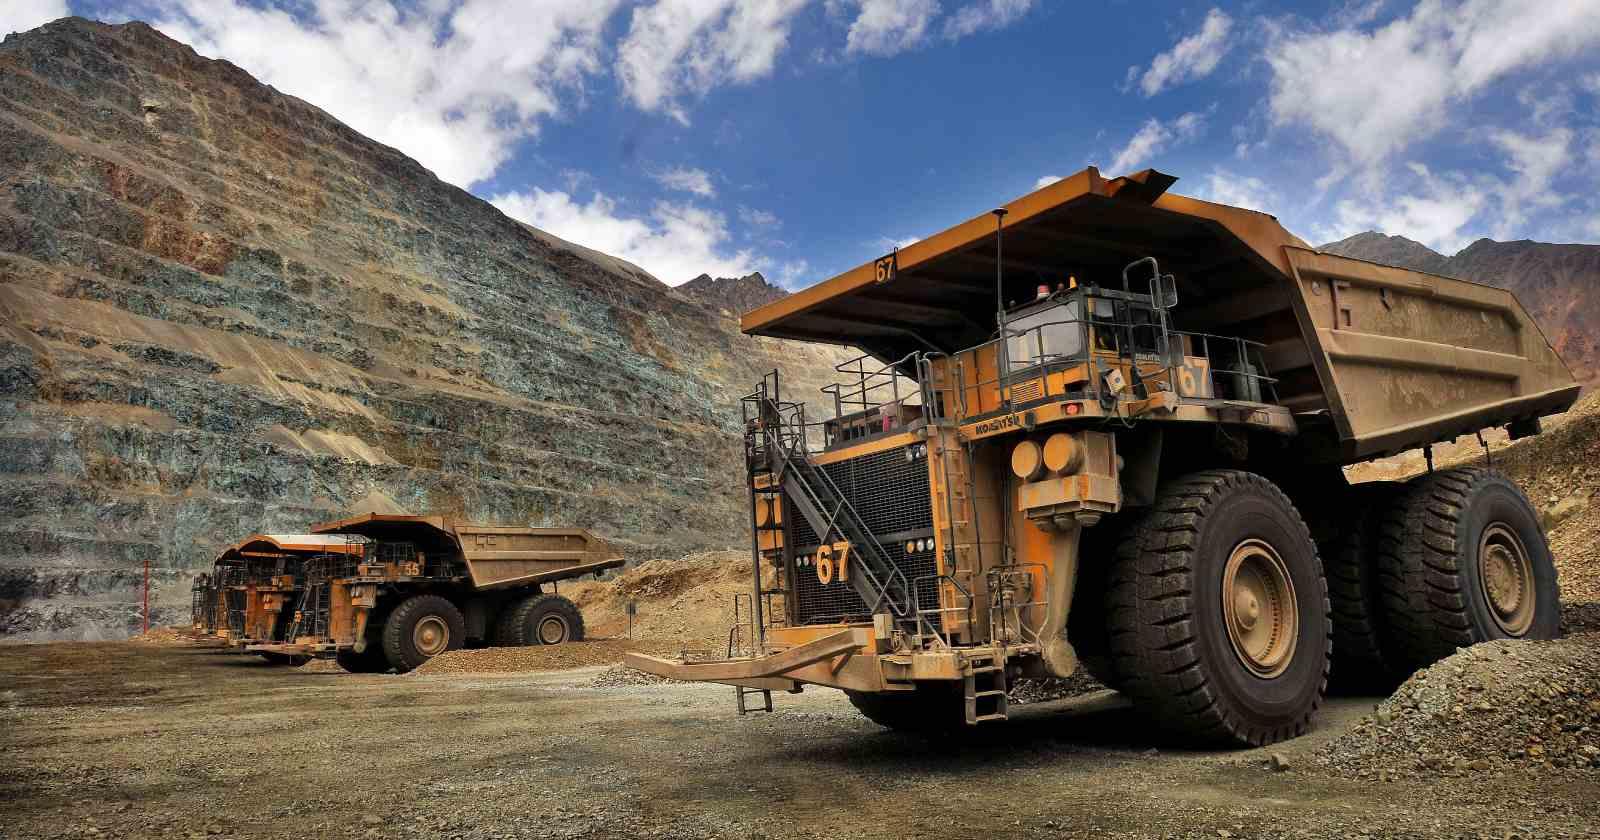 El desafío de promover una recuperación económica sustentable y el rol de la minería pospandemia